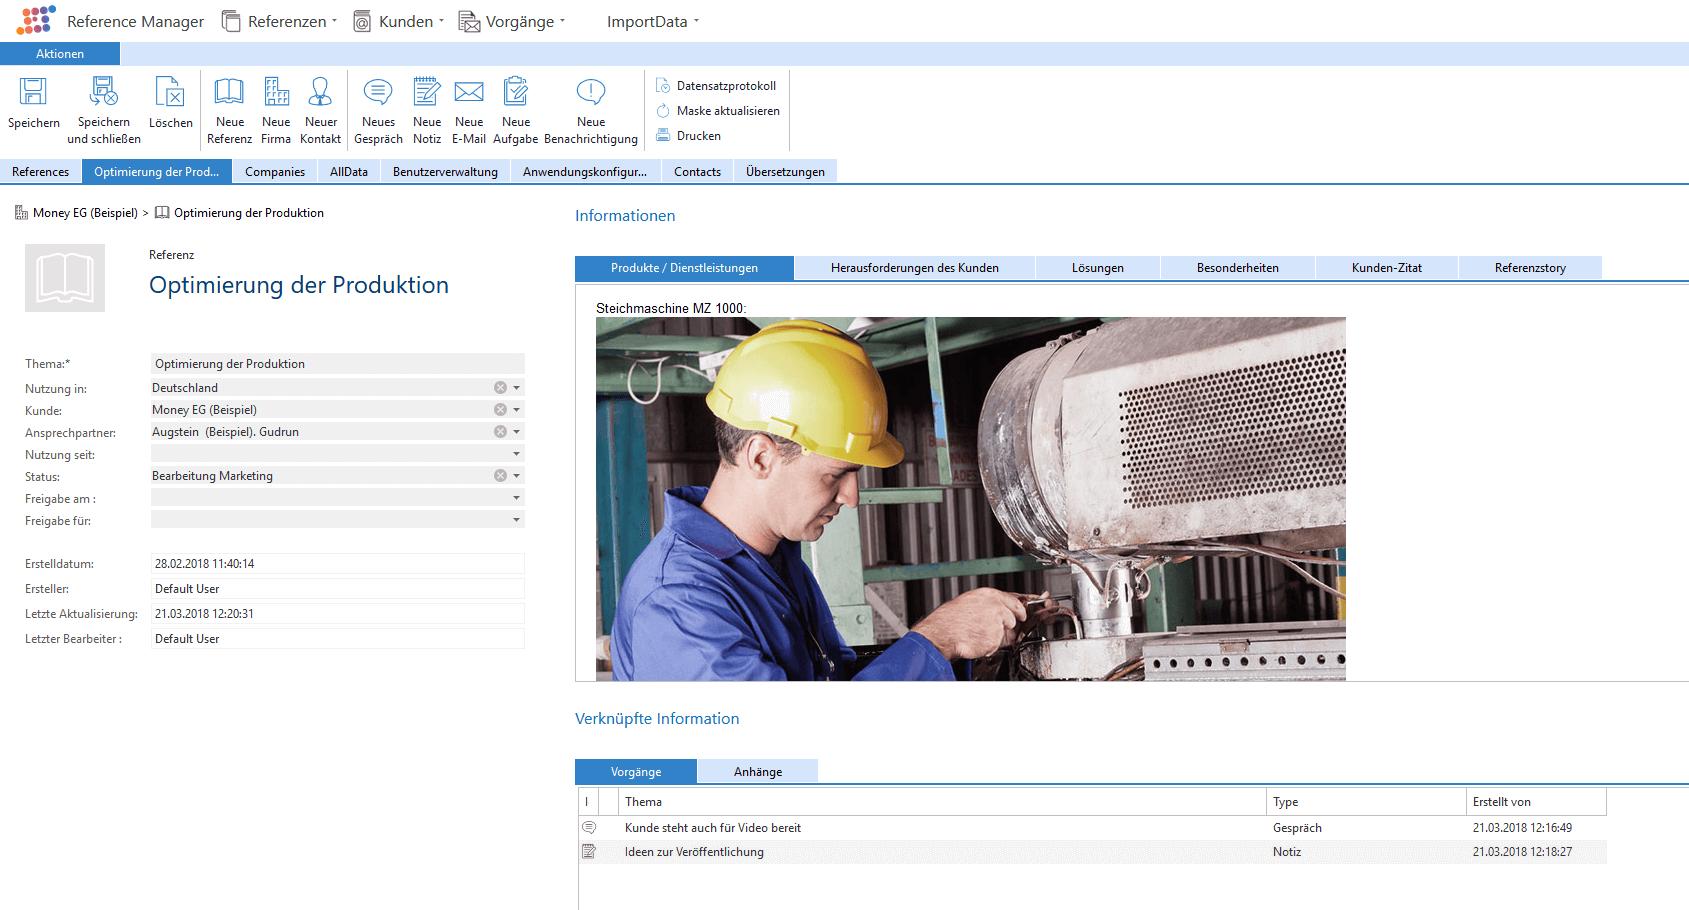 Referenzen verwalten - Reference Manager